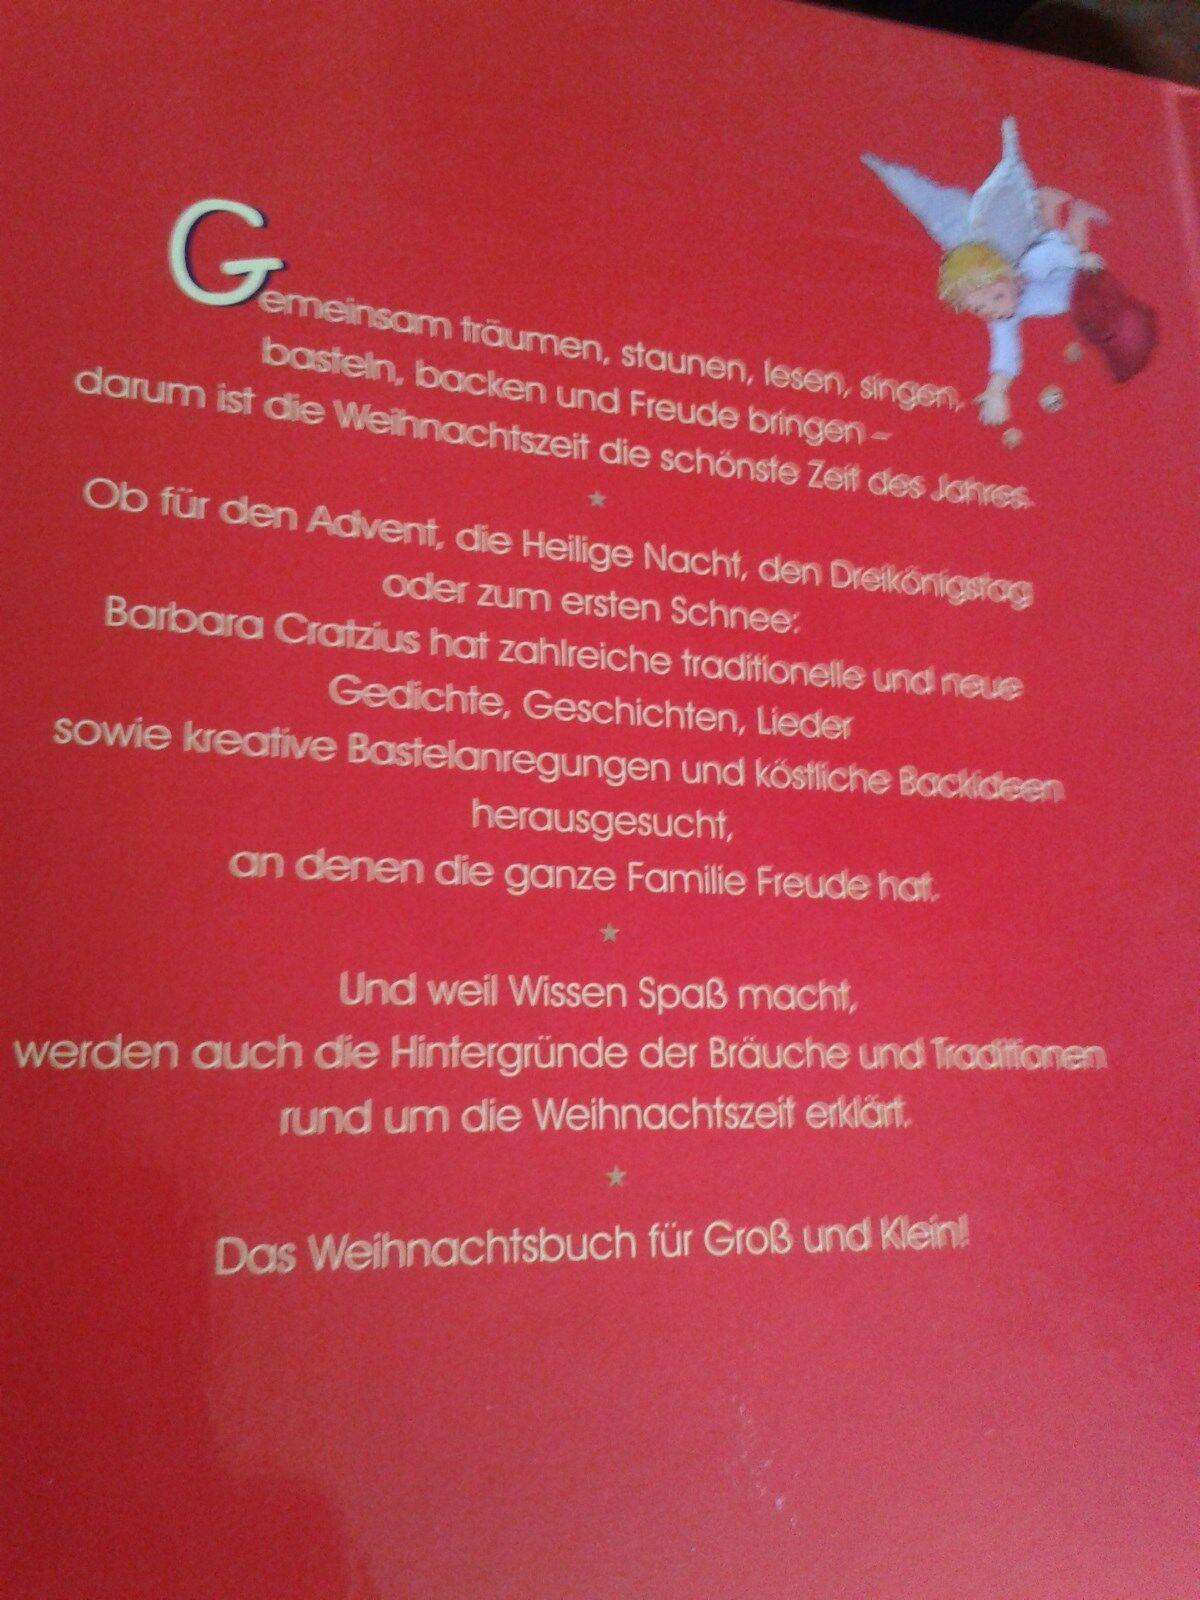 Das Weihnachtsbuch Für Groß Und Klein Von Barbara Cratzius 2004 Gebunden